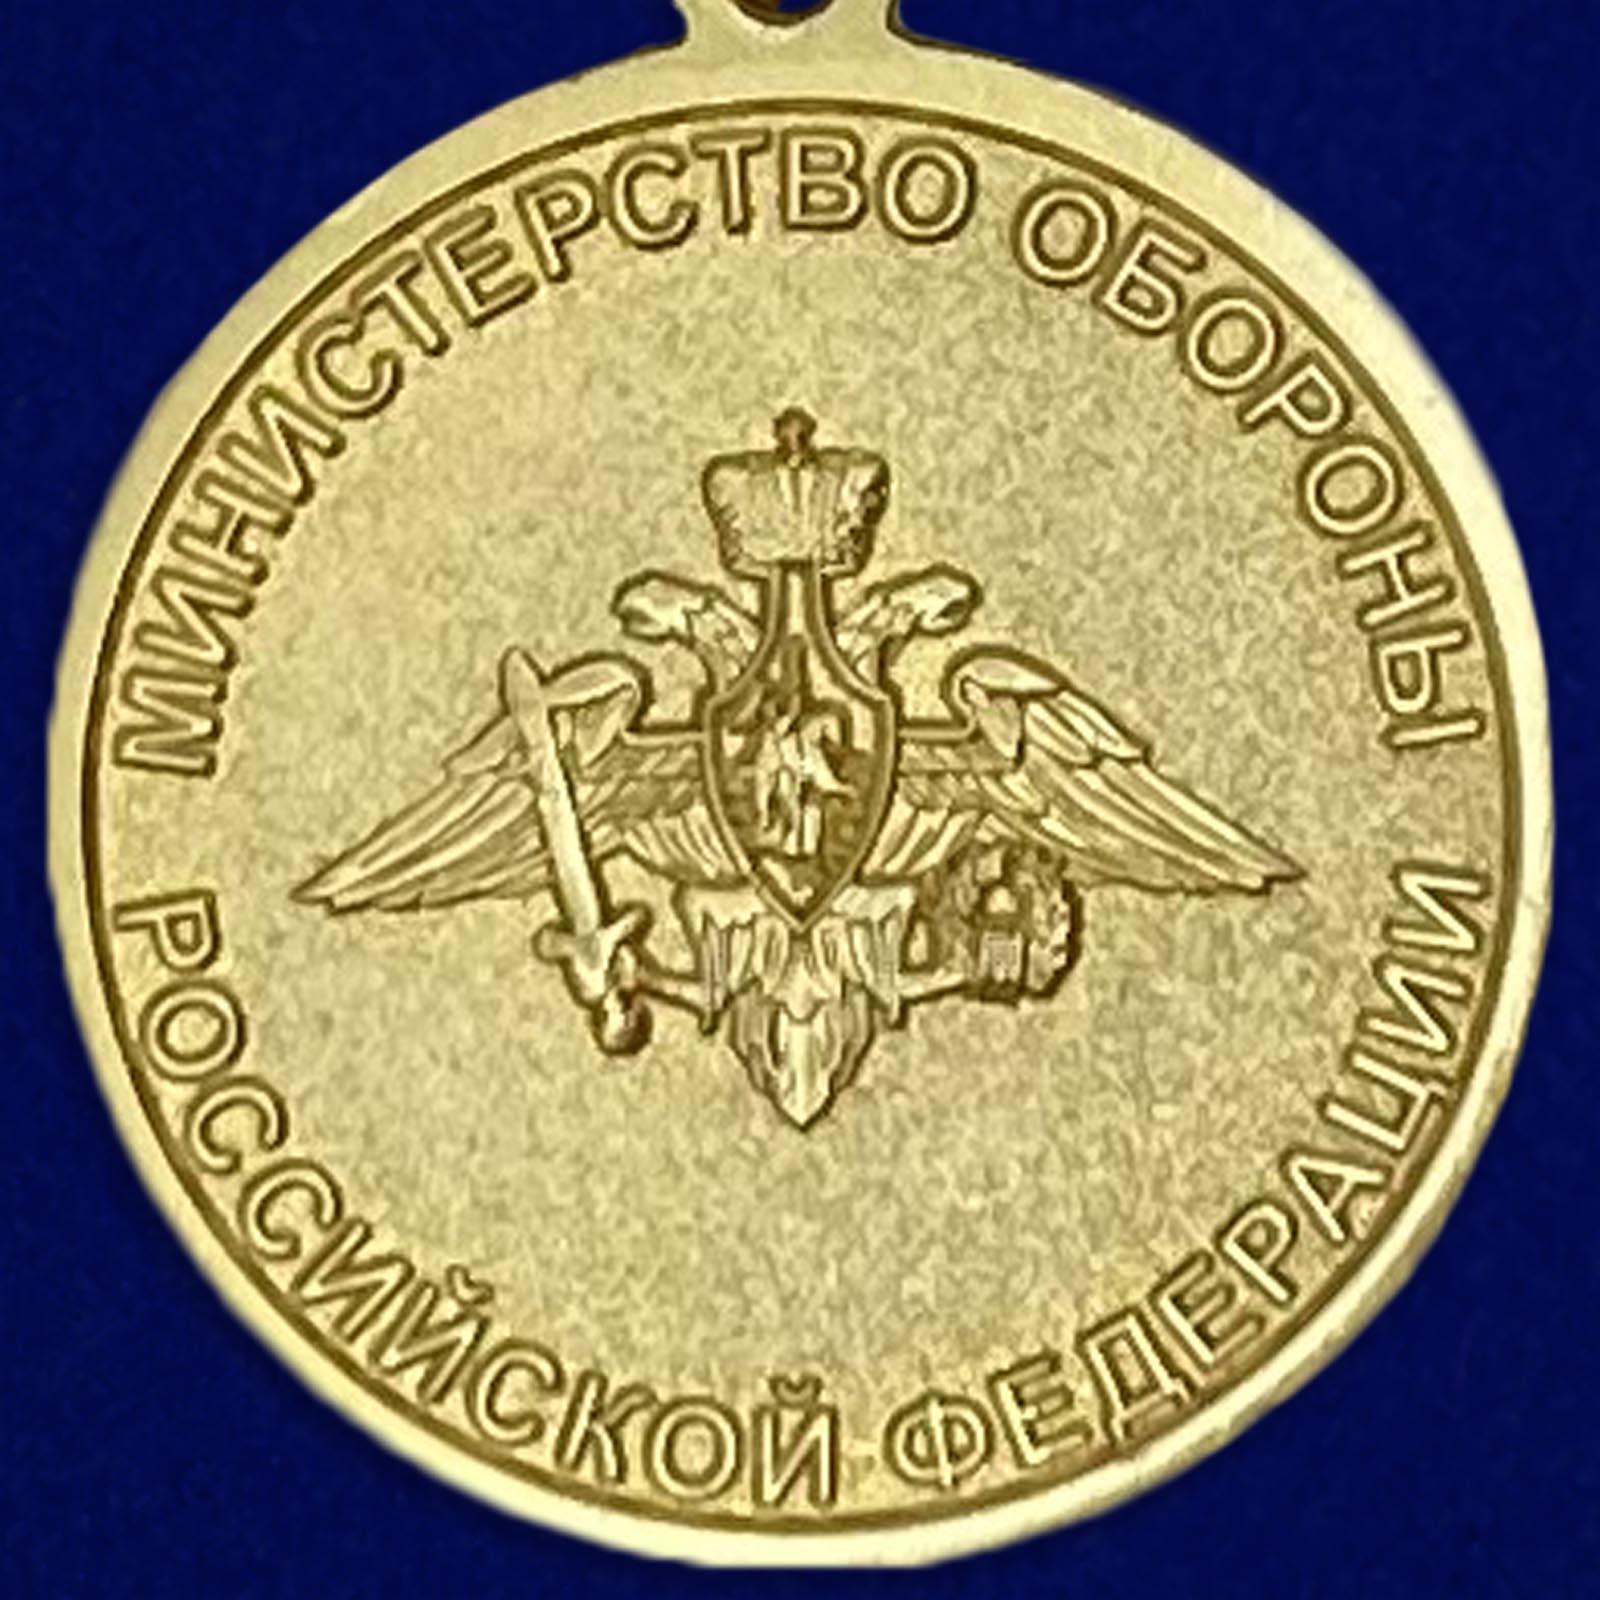 """Медаль """"Главный маршал артиллерии Неделин"""" - отменное качество"""